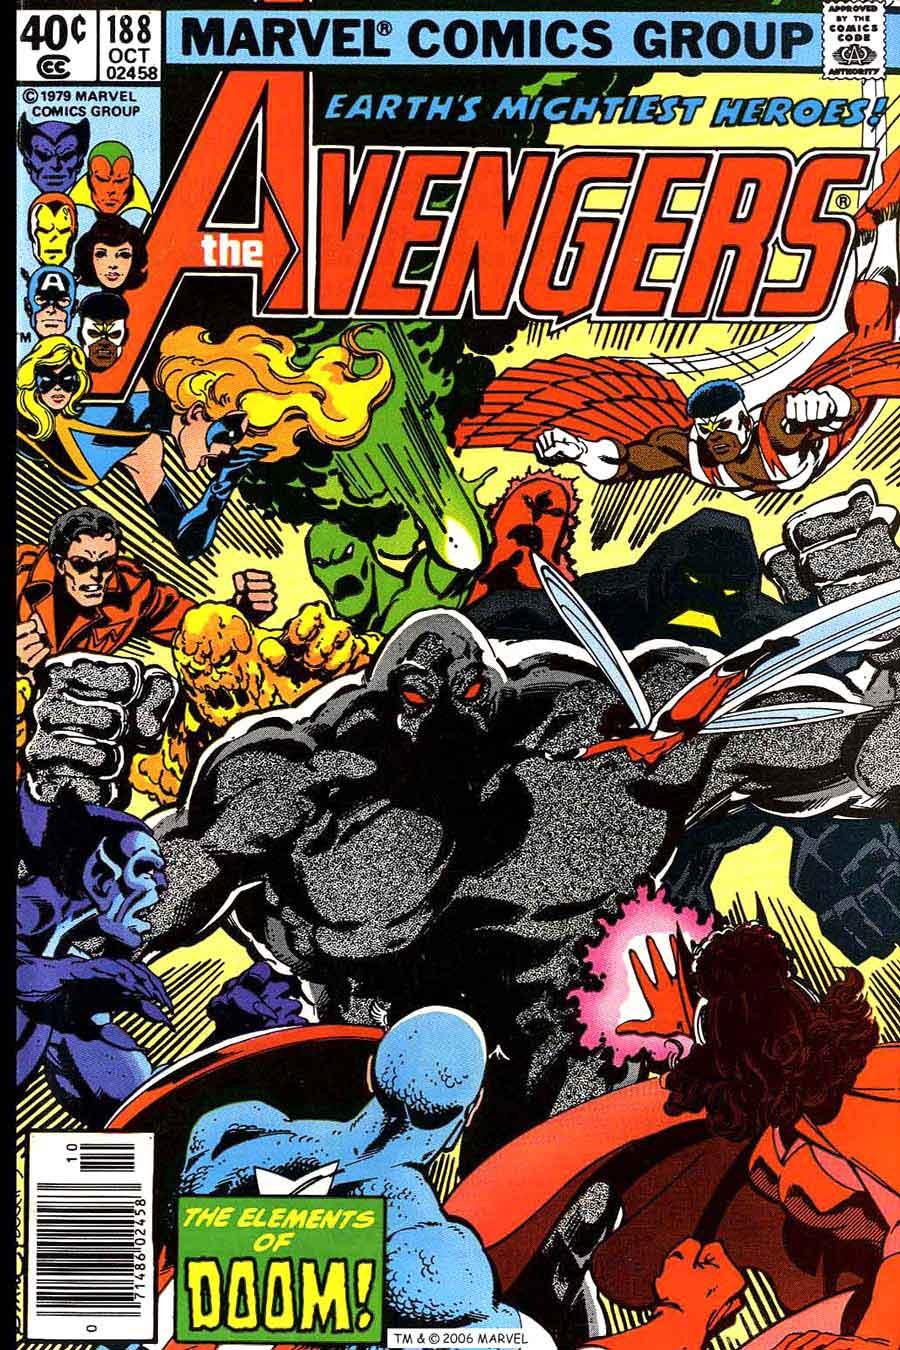 Avengers #188 marvel 1970s bronze age comic book cover art by John Byrne